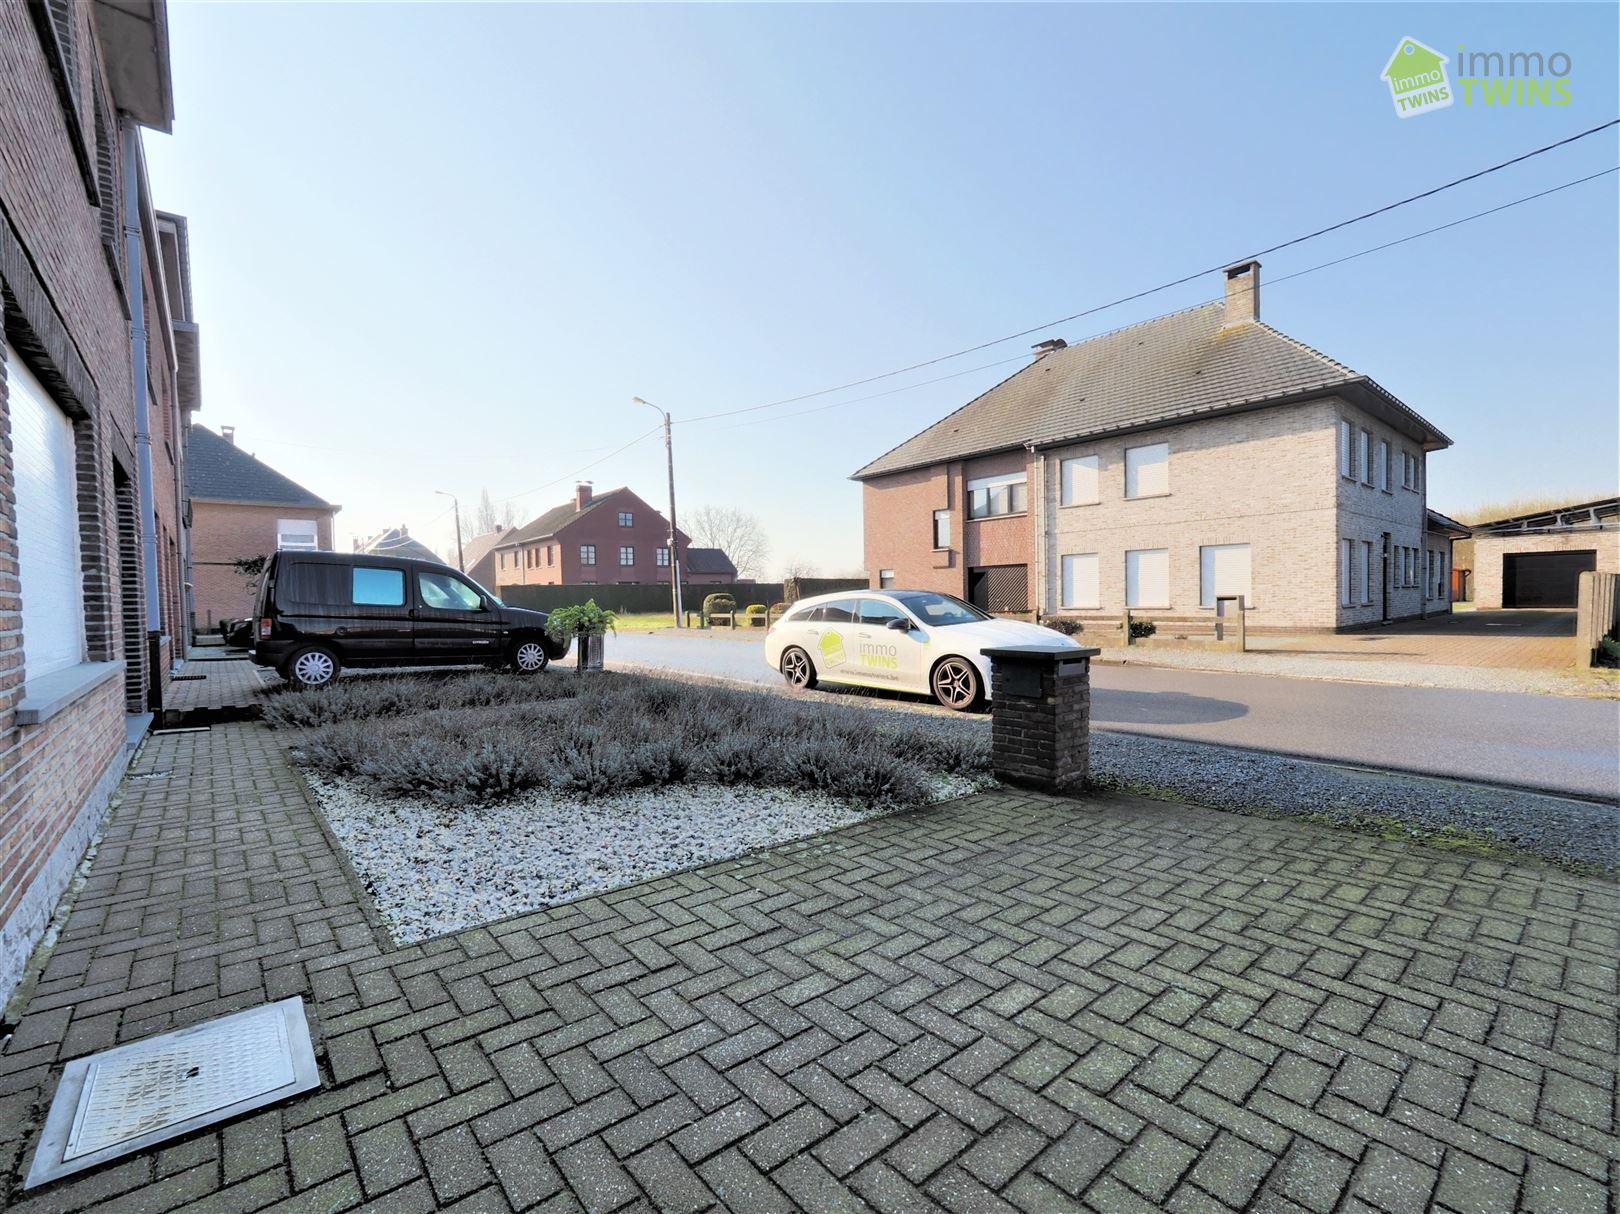 Foto 22 : Huis te 9200 SINT-GILLIS-DENDERMONDE (België) - Prijs € 259.000